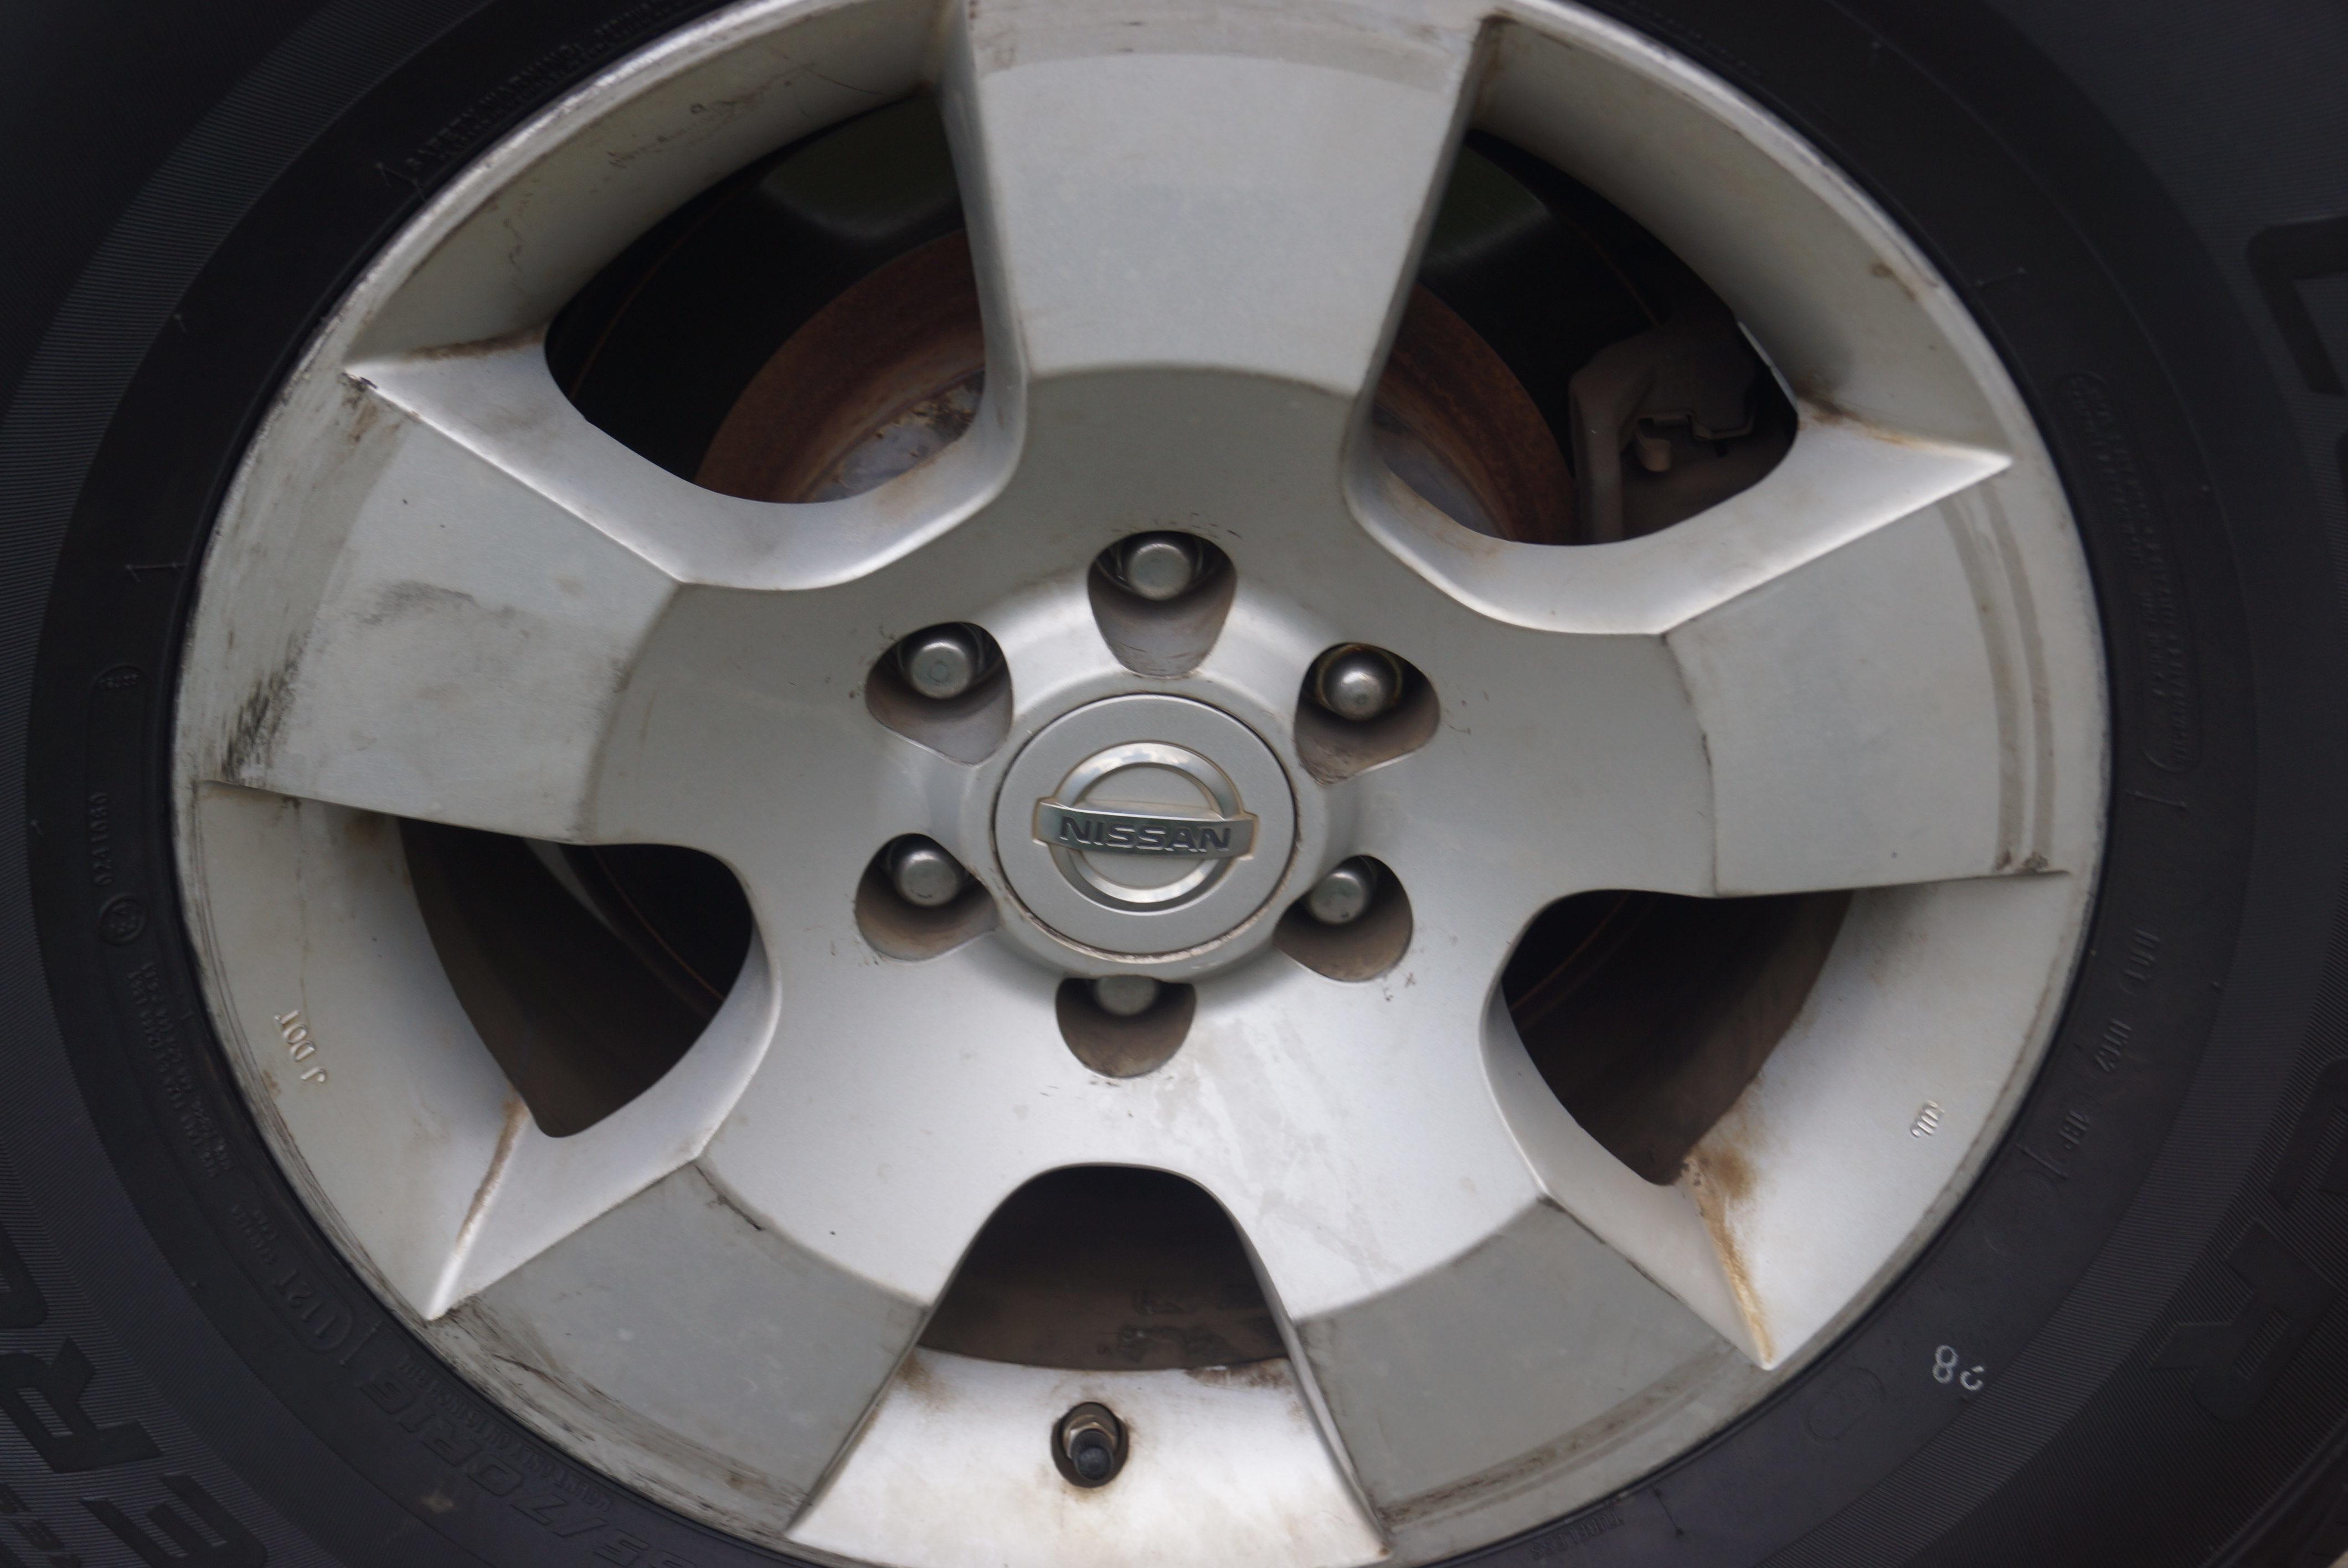 Ntb wheels - Lookup BeforeBuying